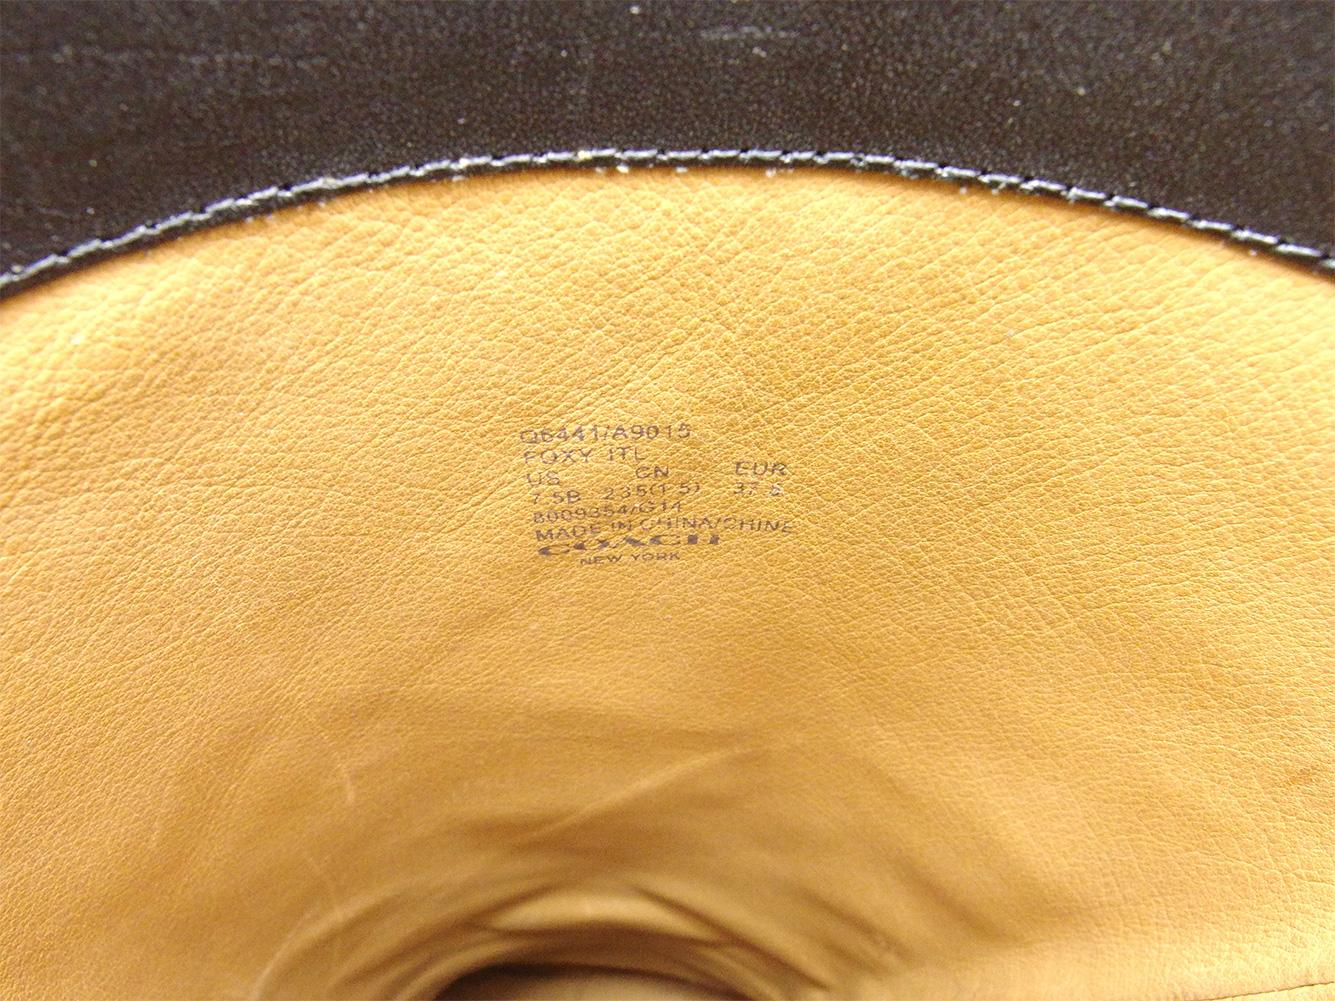 セール10 オフコーチ ブーツ シューズ 靴 ♯37 5 ロング ブラック シルバー レザーQ6441COACH レディース プレゼント 贈り物 1点物 人気 良品 夏 ブランド 迅速発送 オシャレ 大人 在庫処分 ファッション送料無料L2537 AvwN8nOm0